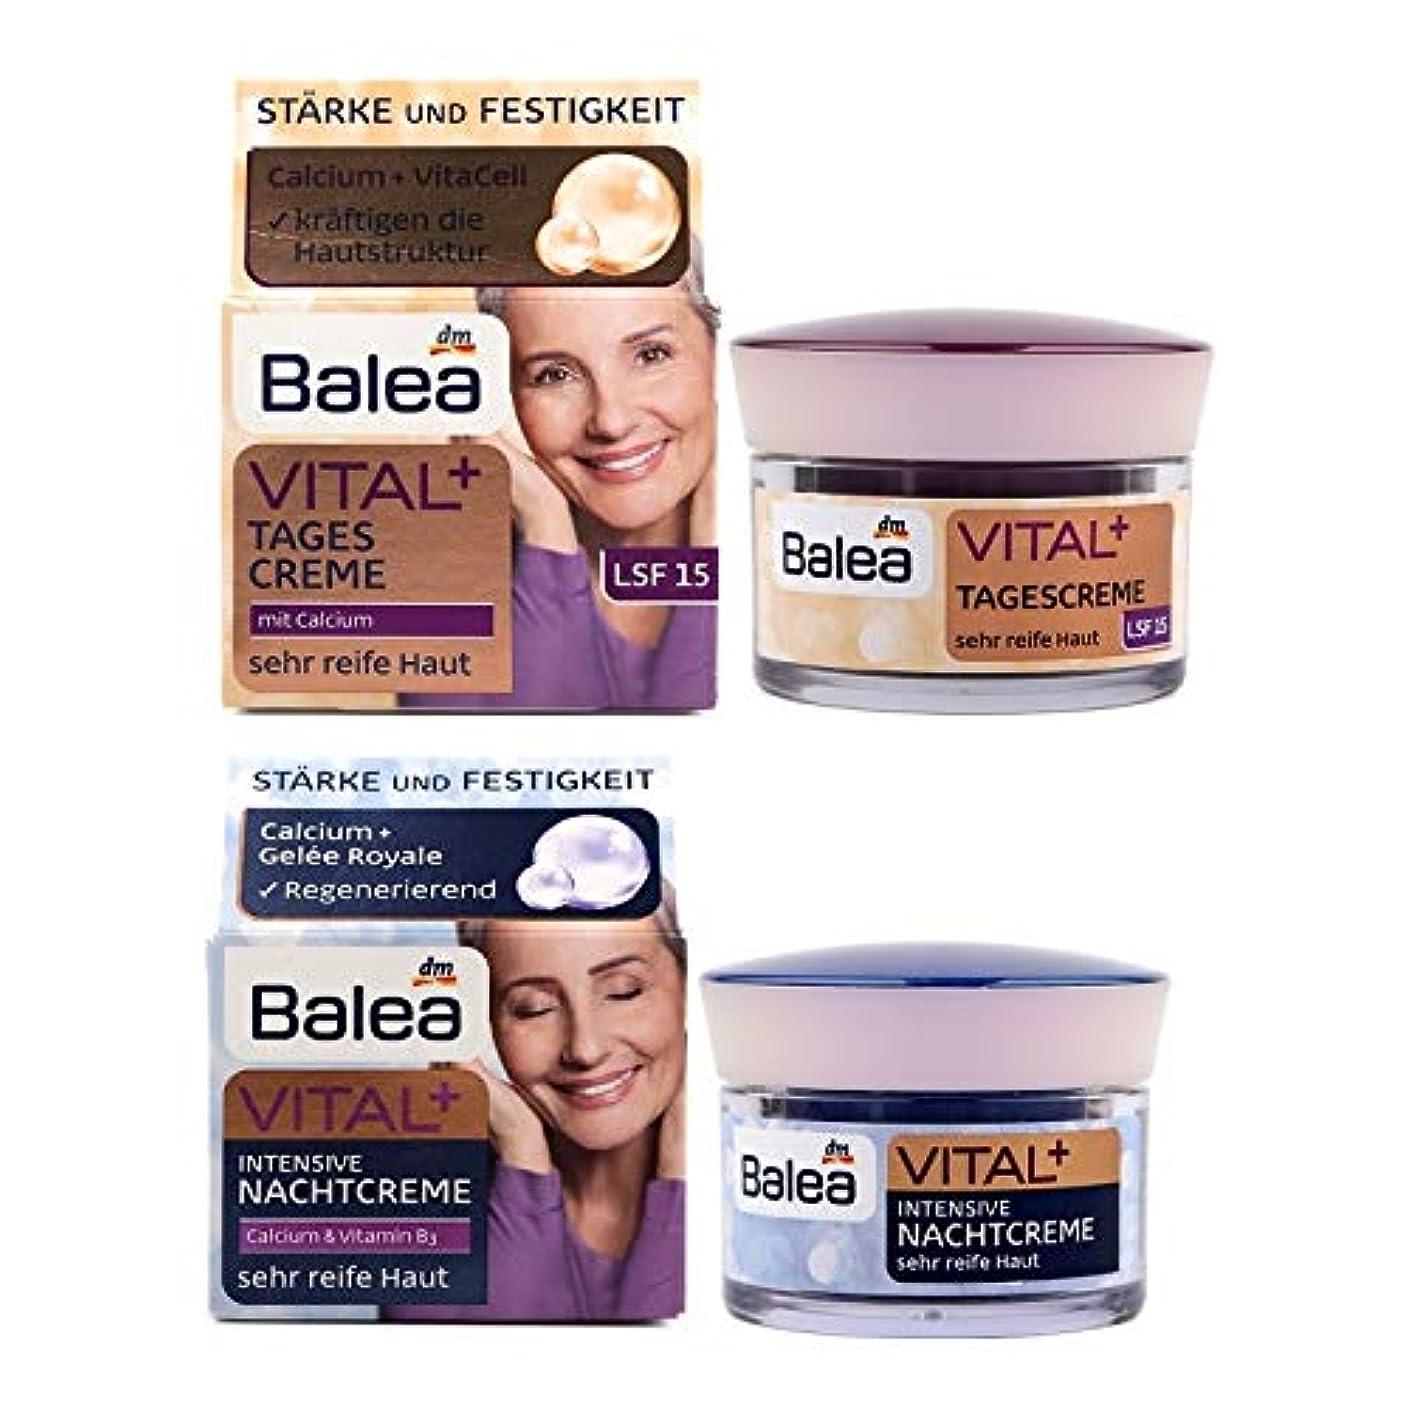 評価するつまずくコーンウォールアンチリンクルを70+する旧熟女年齢55+のためのBalea VITAL +デイクリーム+ナイトクリーム弾性ファーミングを強化